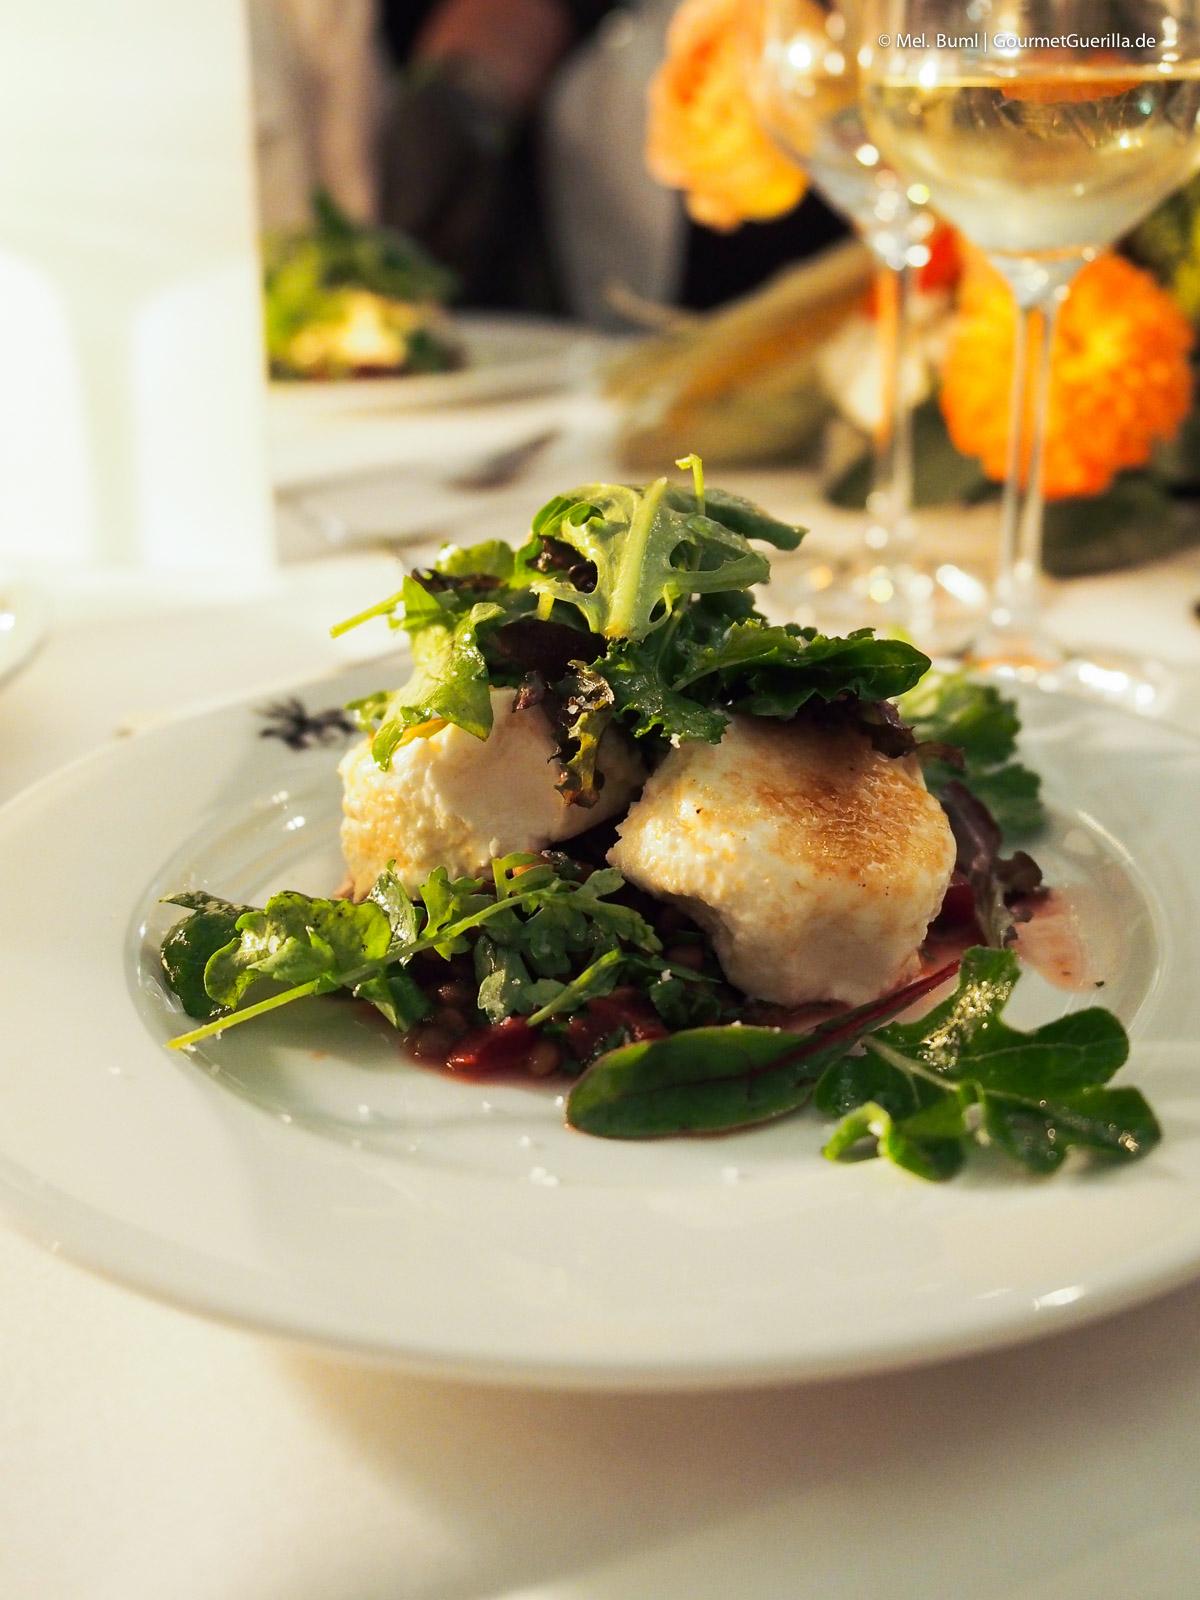 Vorspeise Dinner Bonduelle Academy |GourmetGuerilla.de